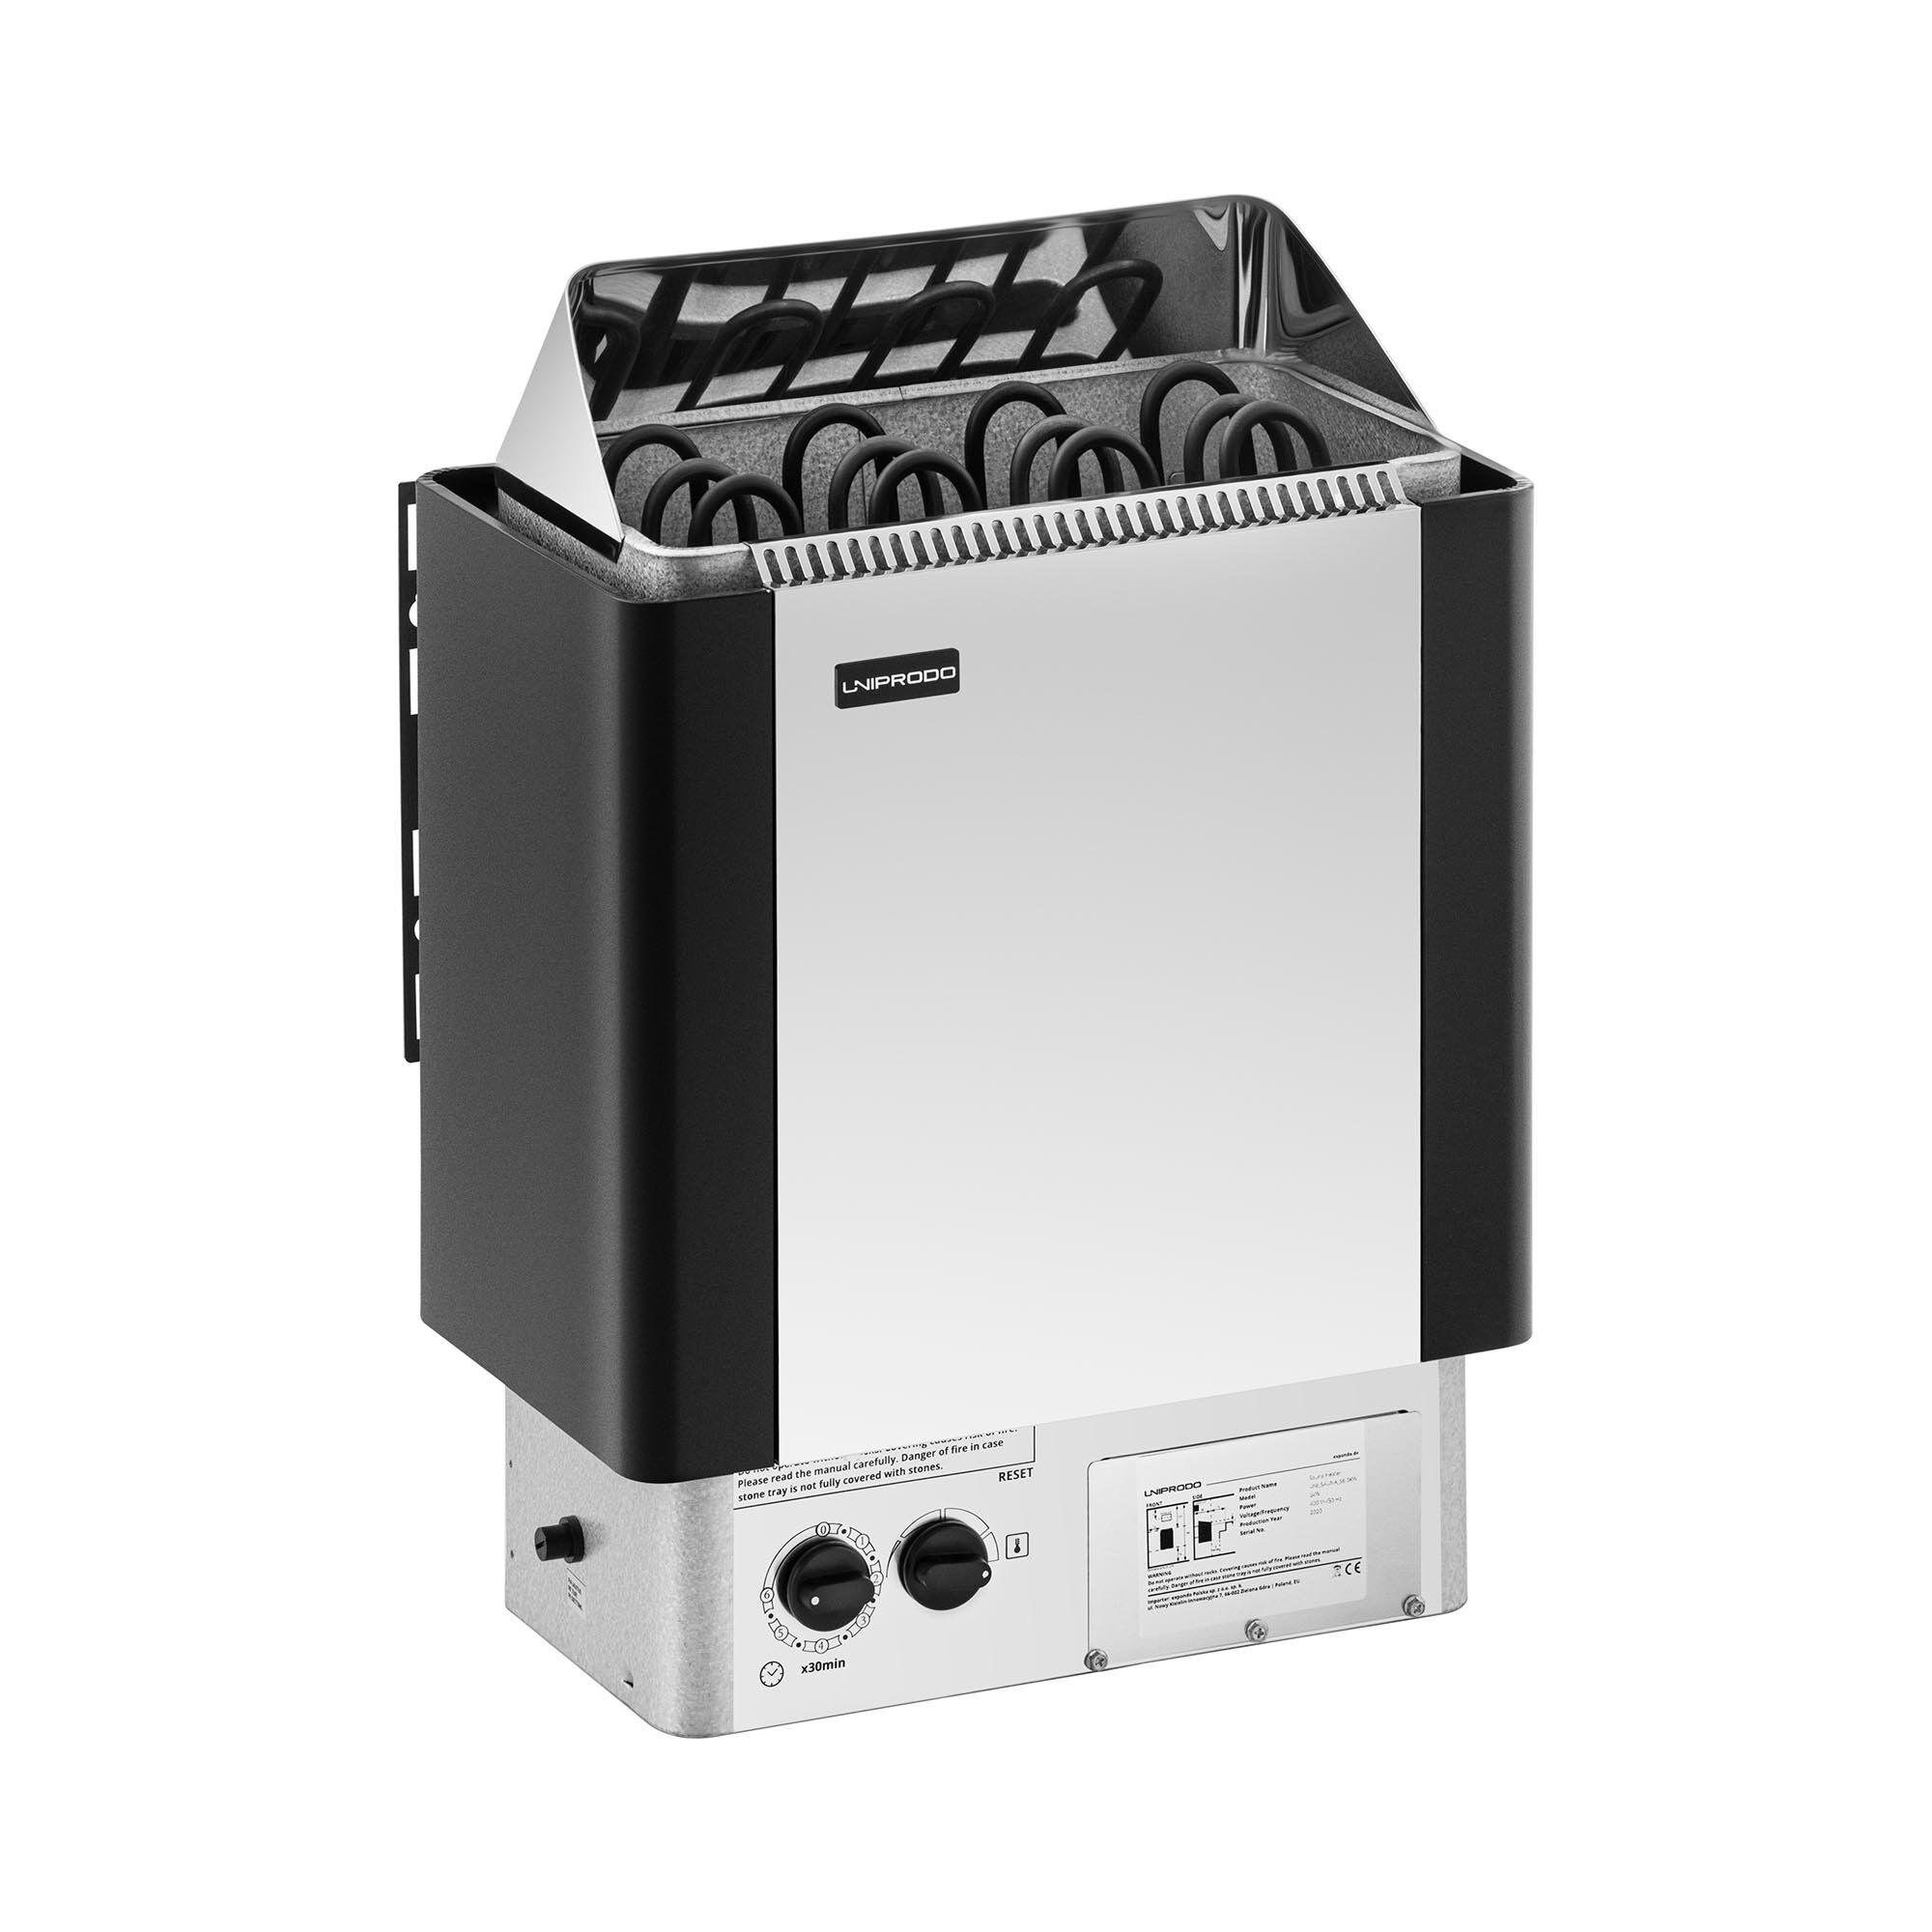 Uniprodo Poêle pour sauna - 6 kW - 30 à 110 °C - Unité de commande comprise UNI_SAUNA_S6.0KW